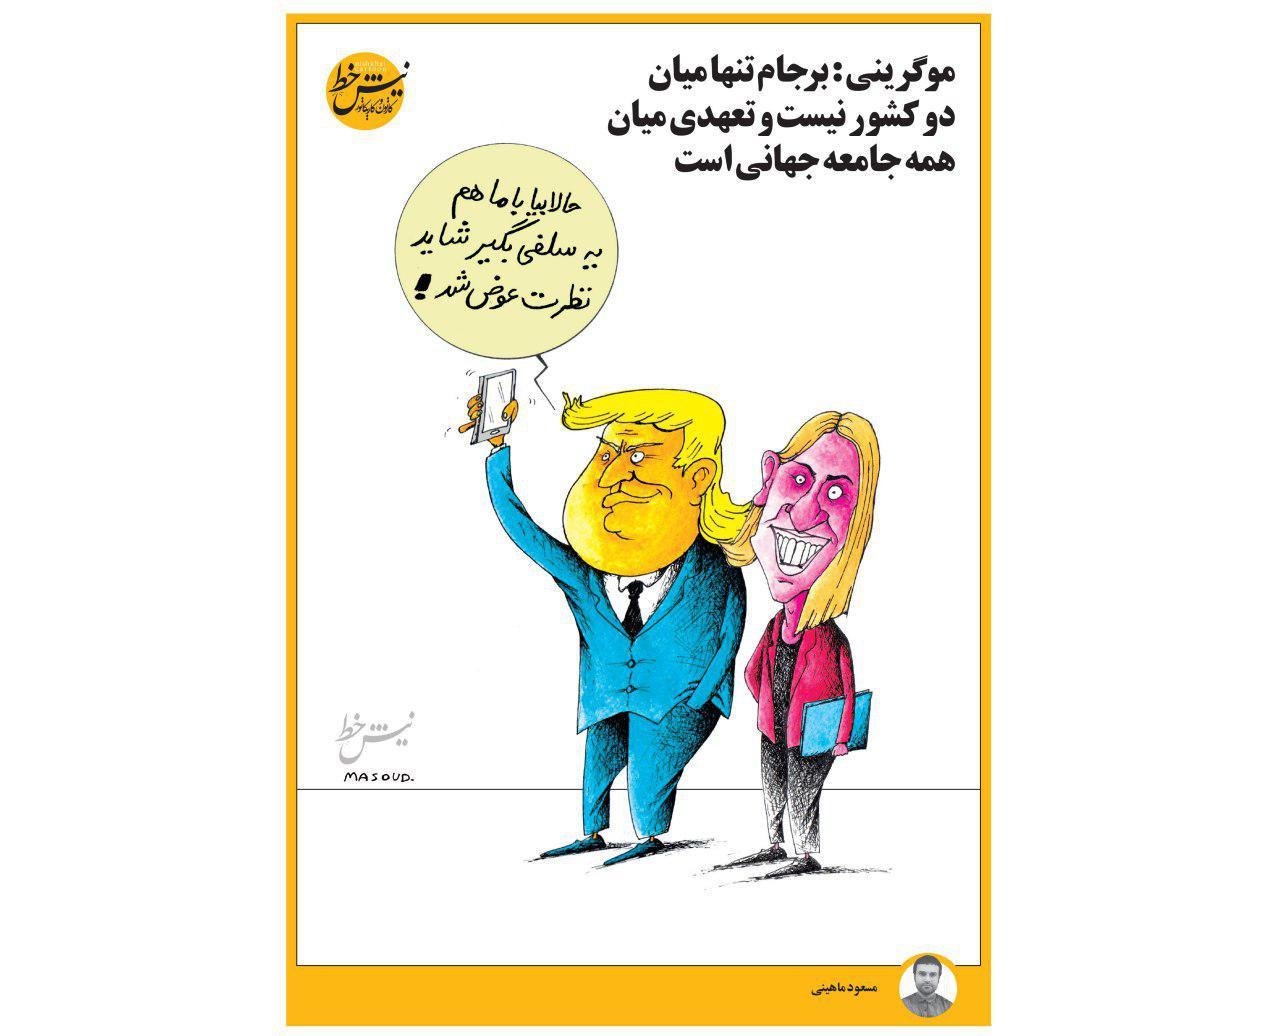 نیشخط کارتون/ موگرینی:برجام تنها میان دو کشور نیست و تعهدی میان همه جامعه جهانی است